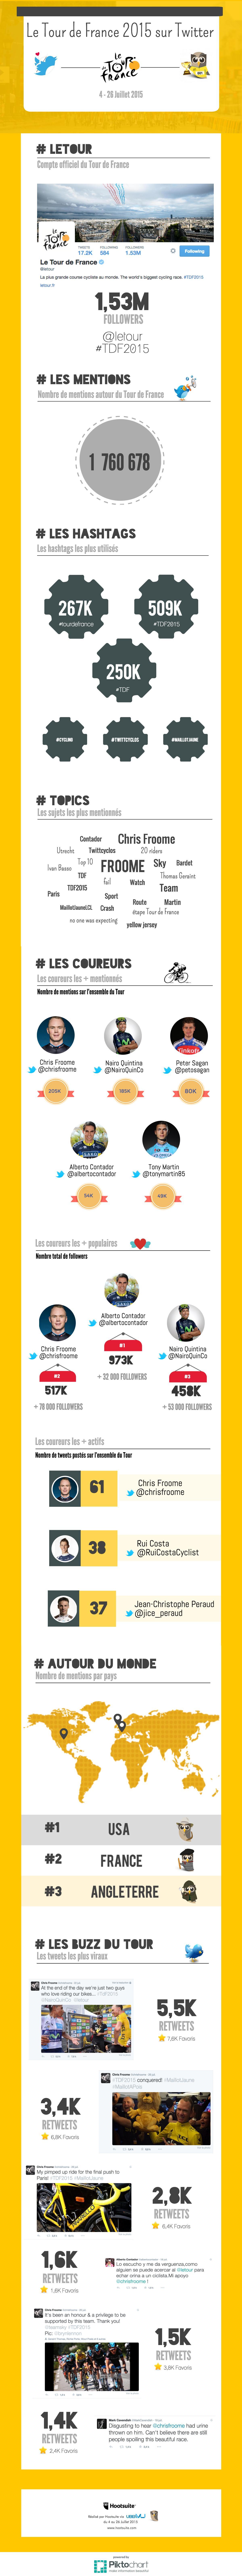 Infographie Tour de France